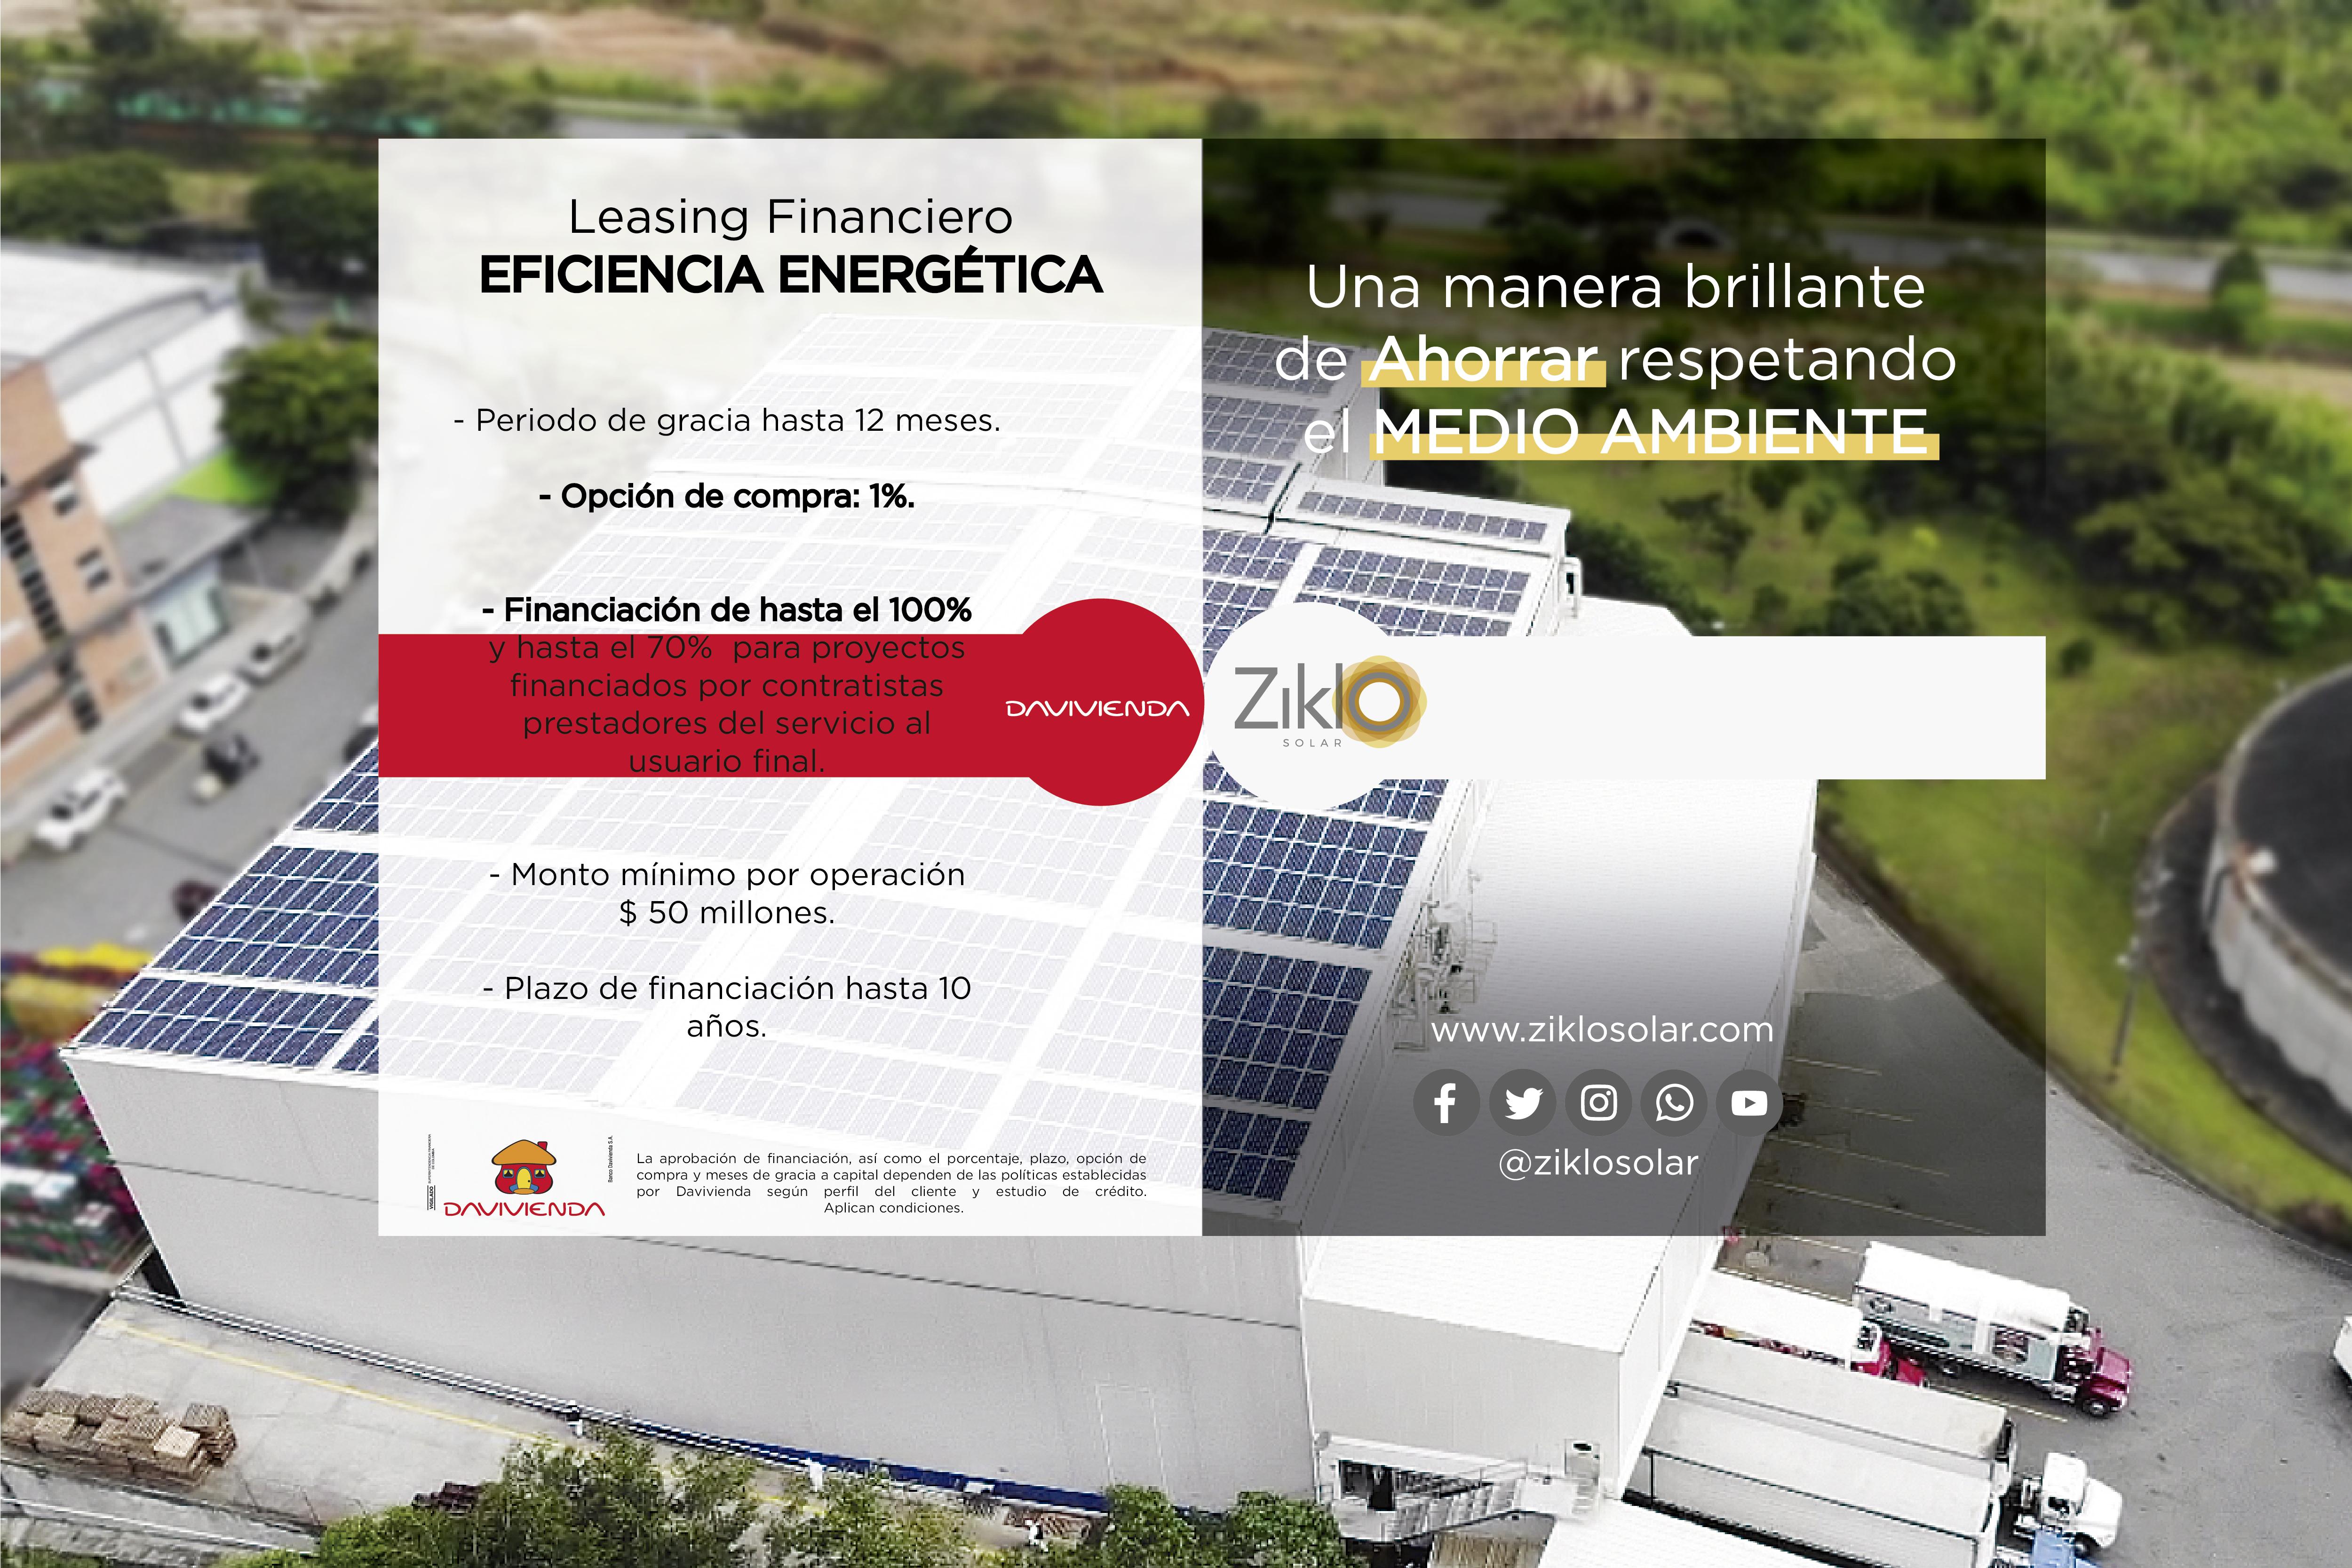 Leasing financiero: Eficiencia Energética